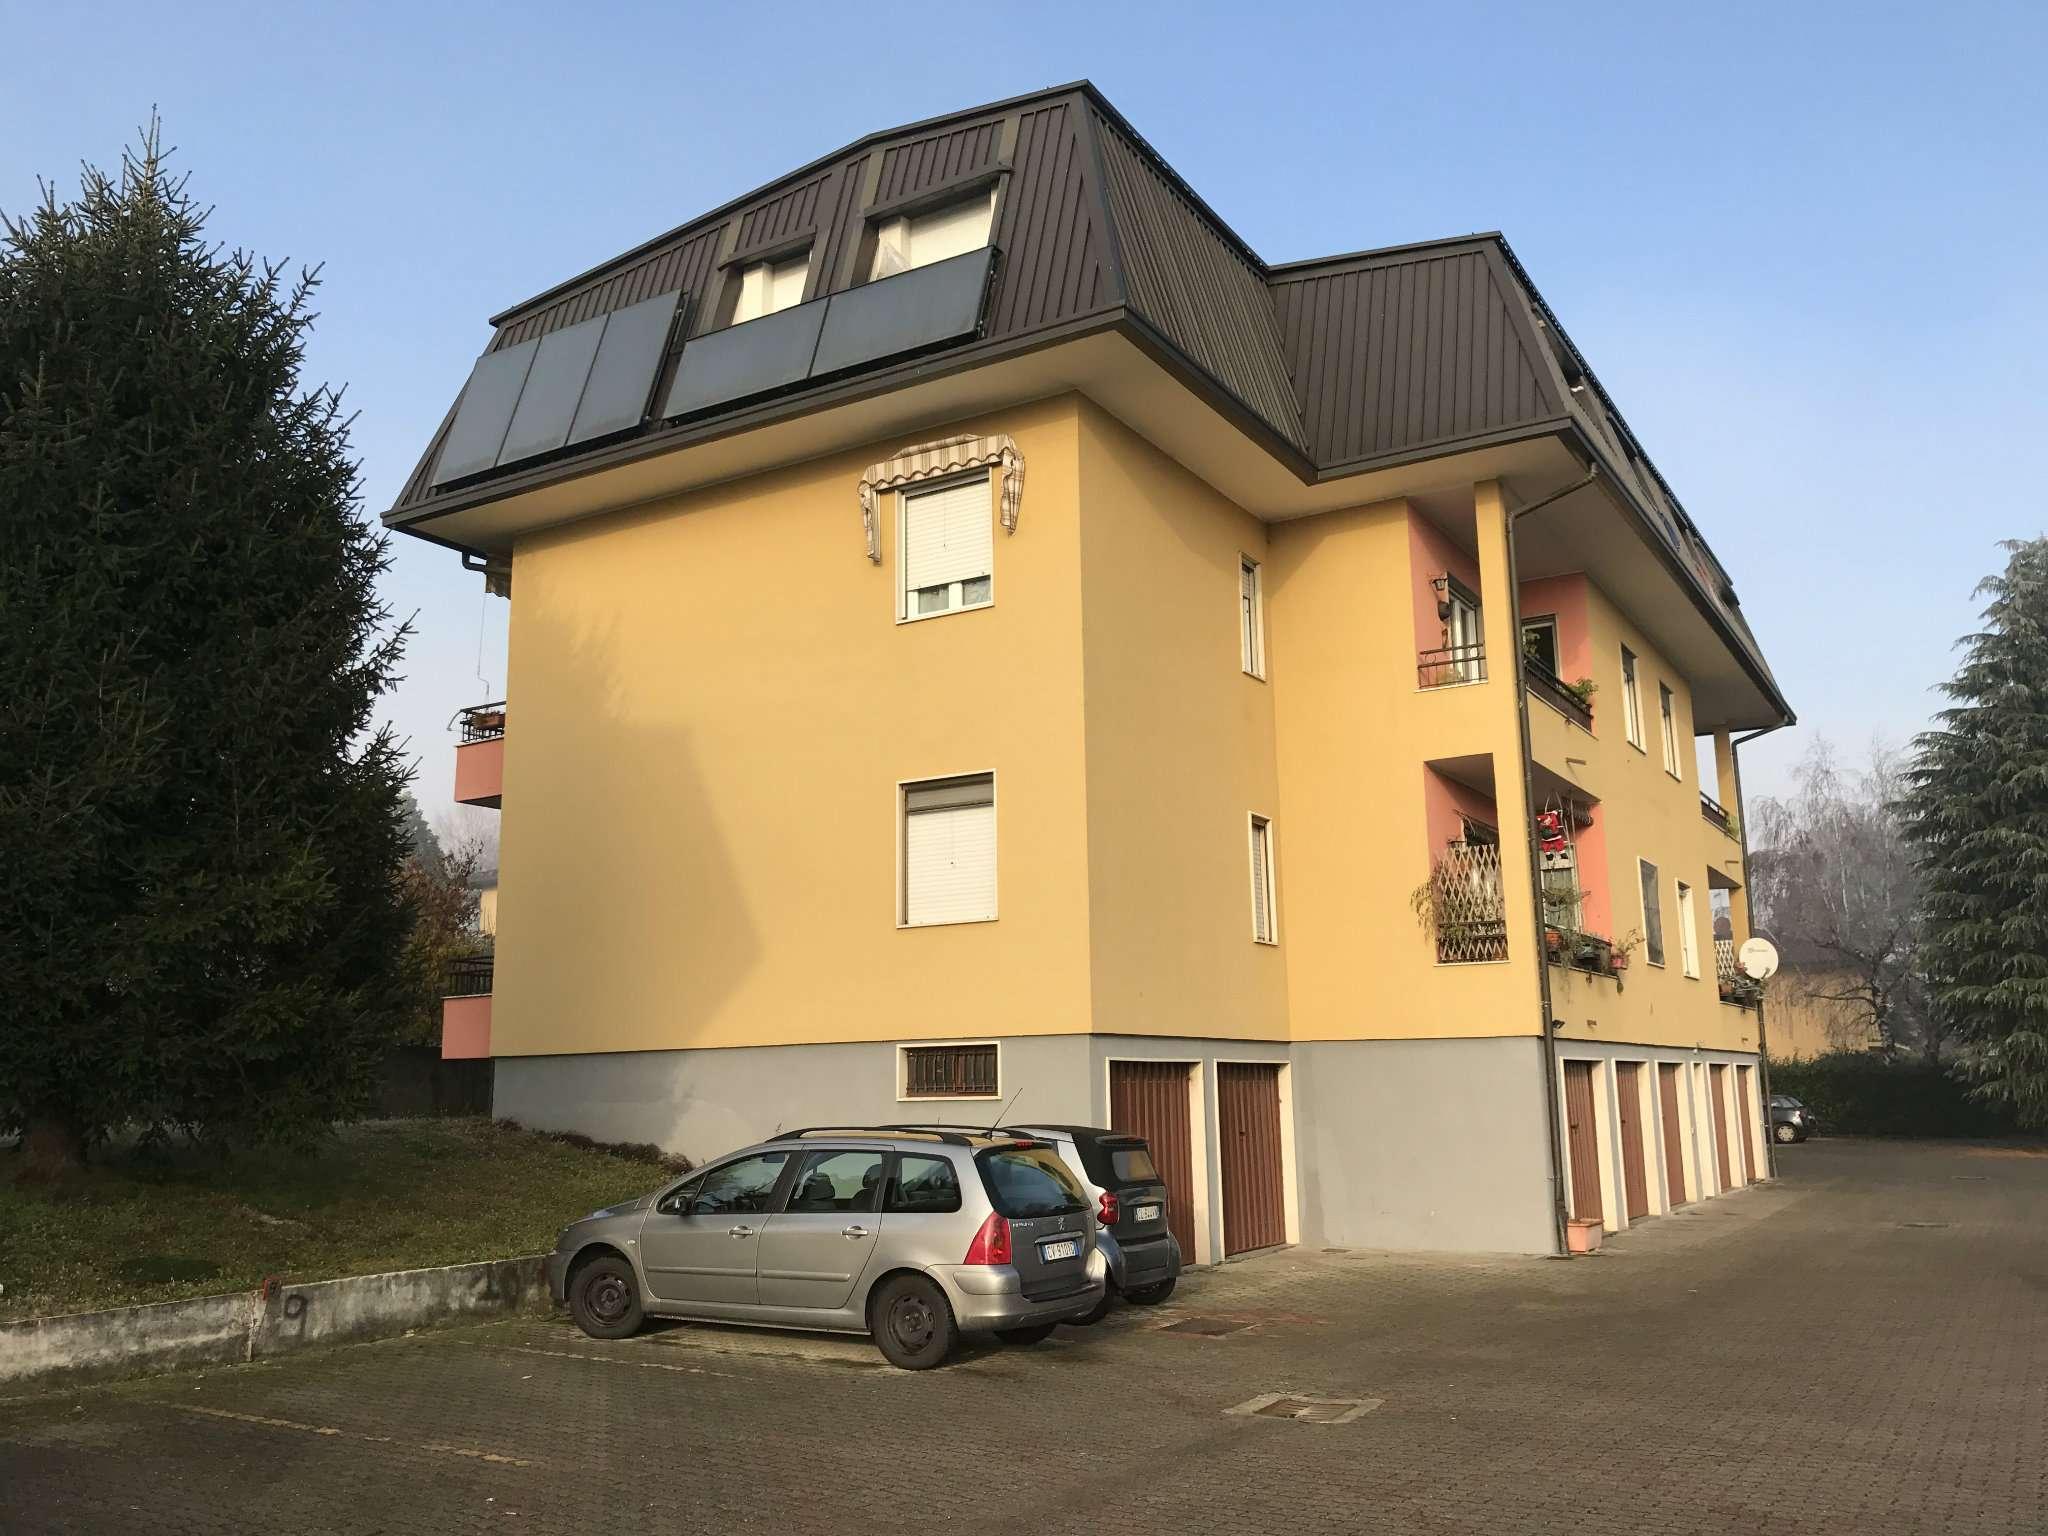 Appartamento in affitto a Daverio, 3 locali, prezzo € 500 | Cambio Casa.it